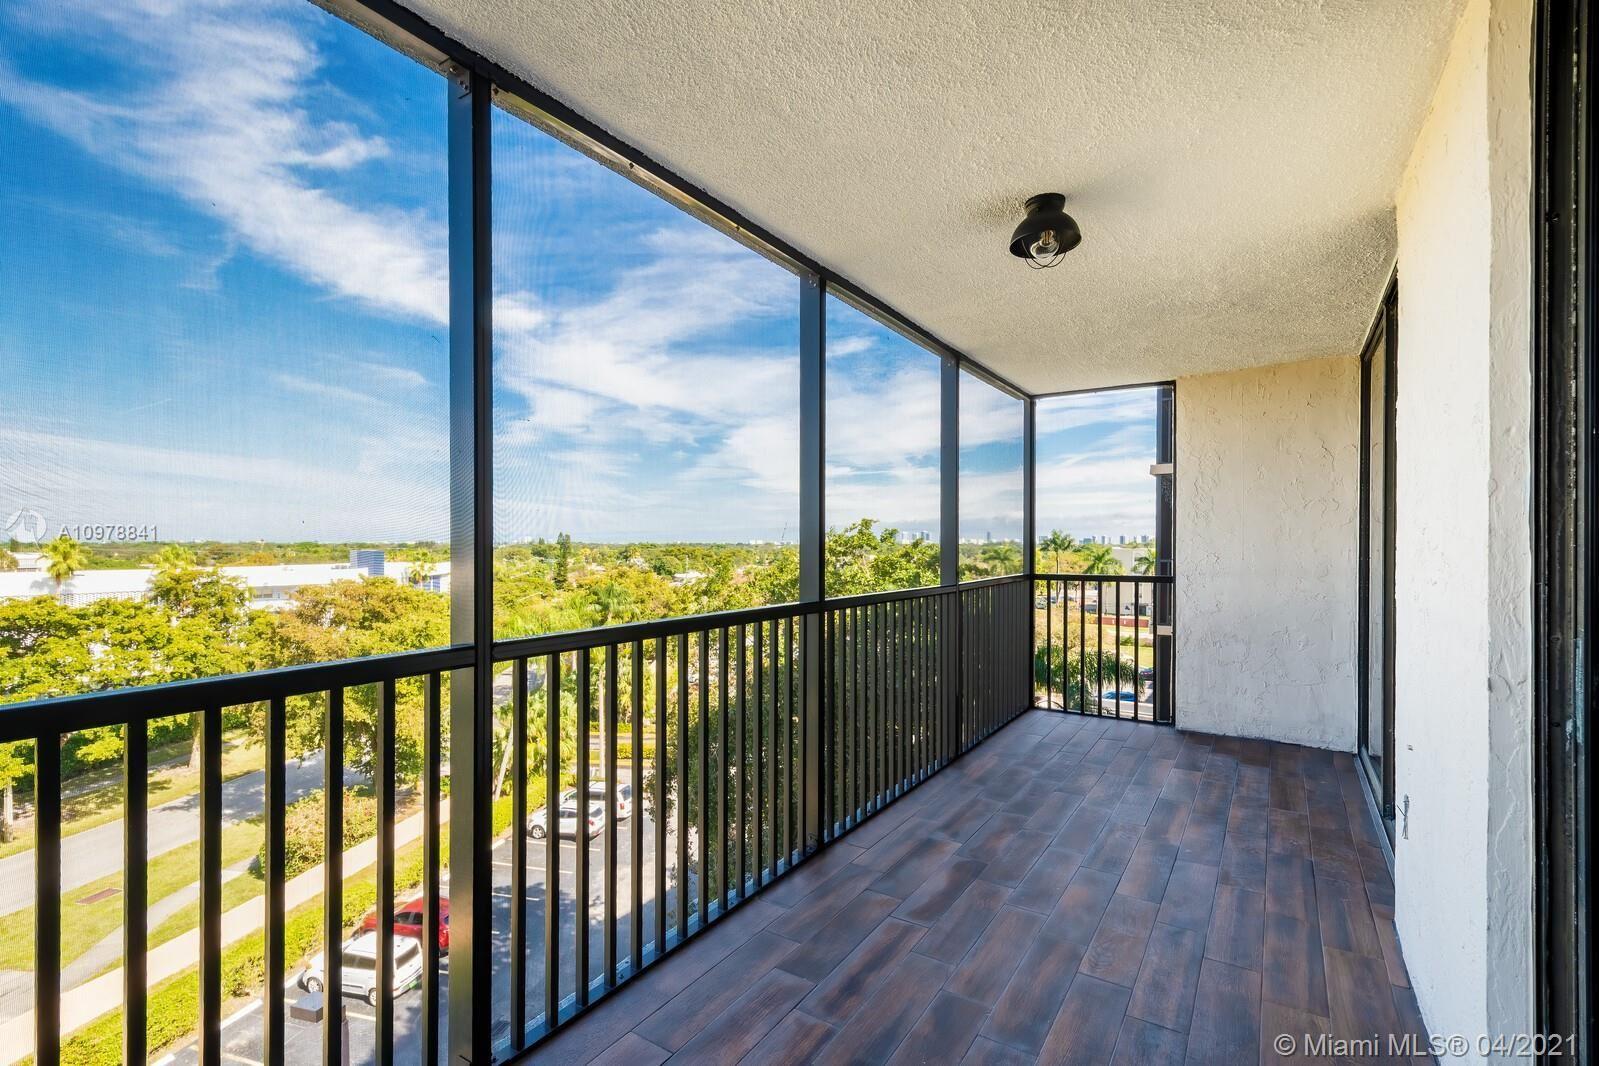 900 NE 195th St #607, Miami, FL 33179 - #: A10978841